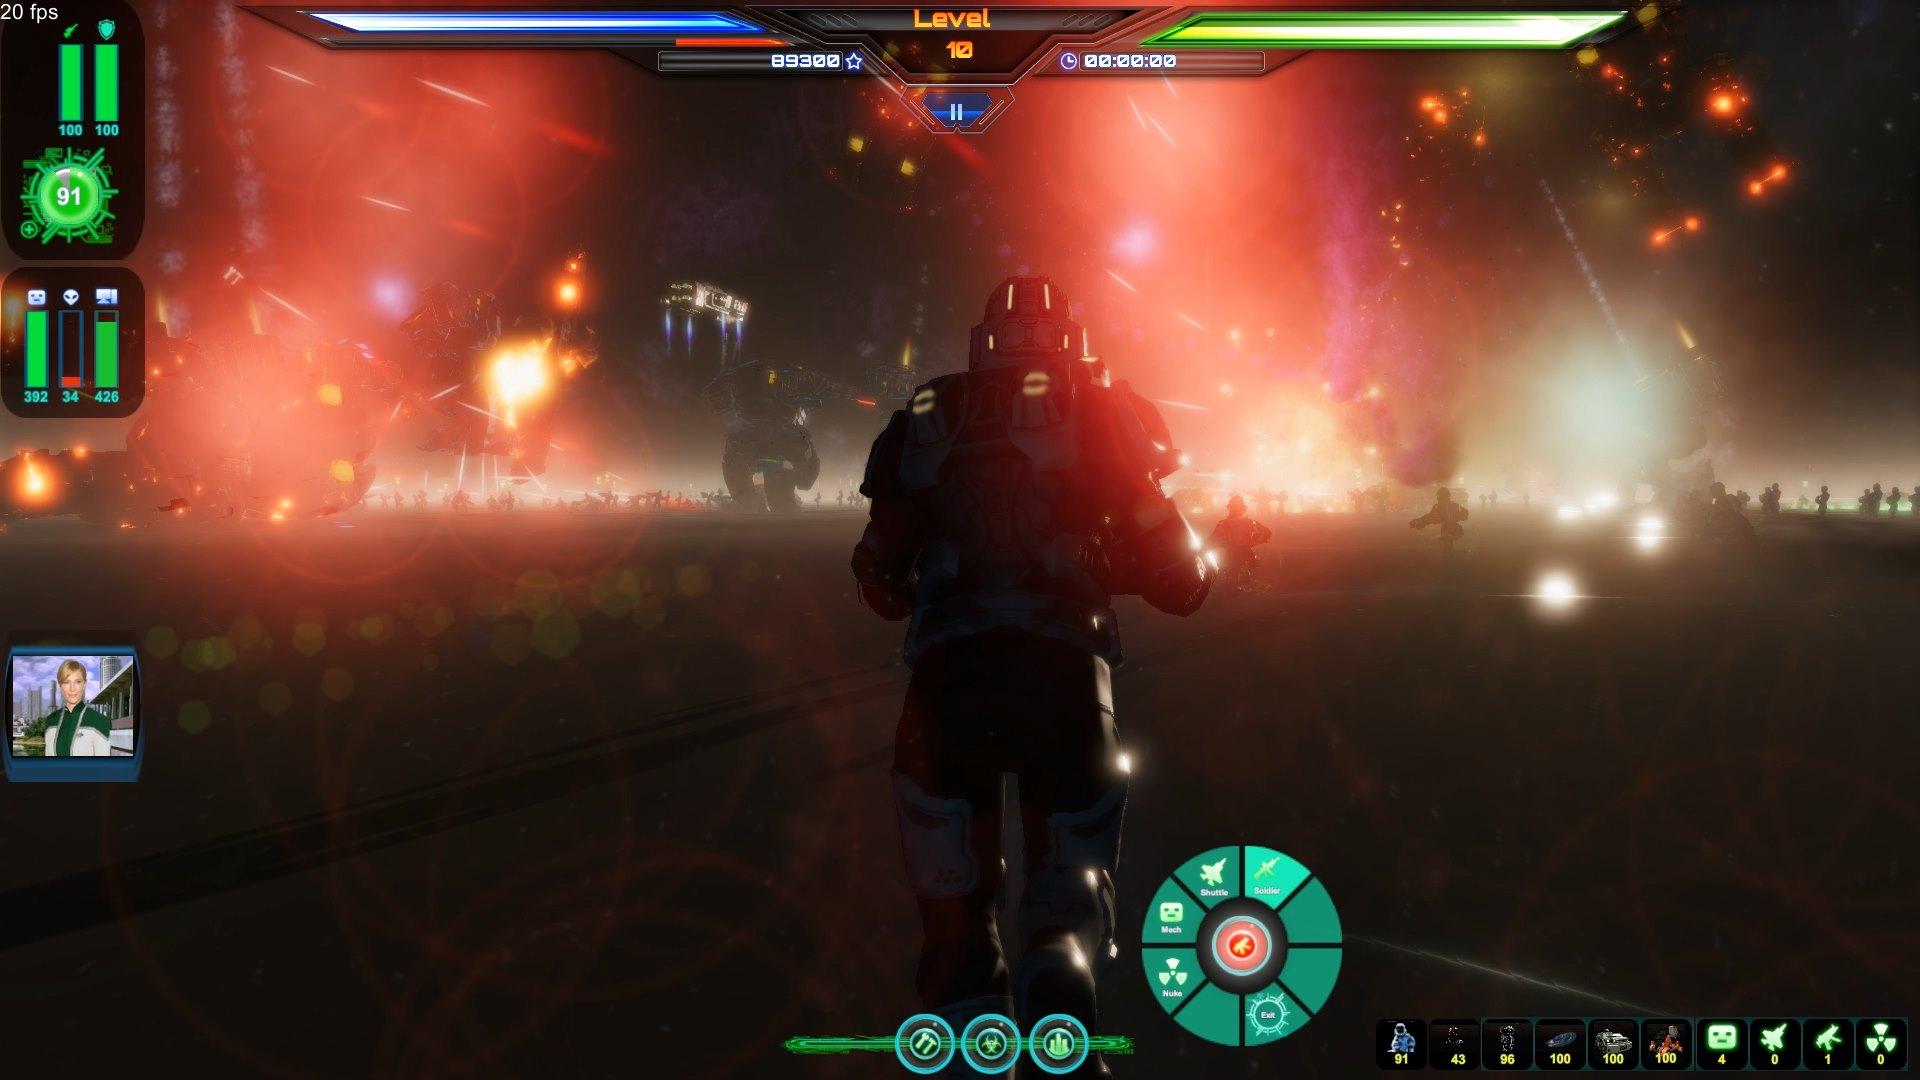 ARMAGEDDON - FUTURE COMBAT ARENA